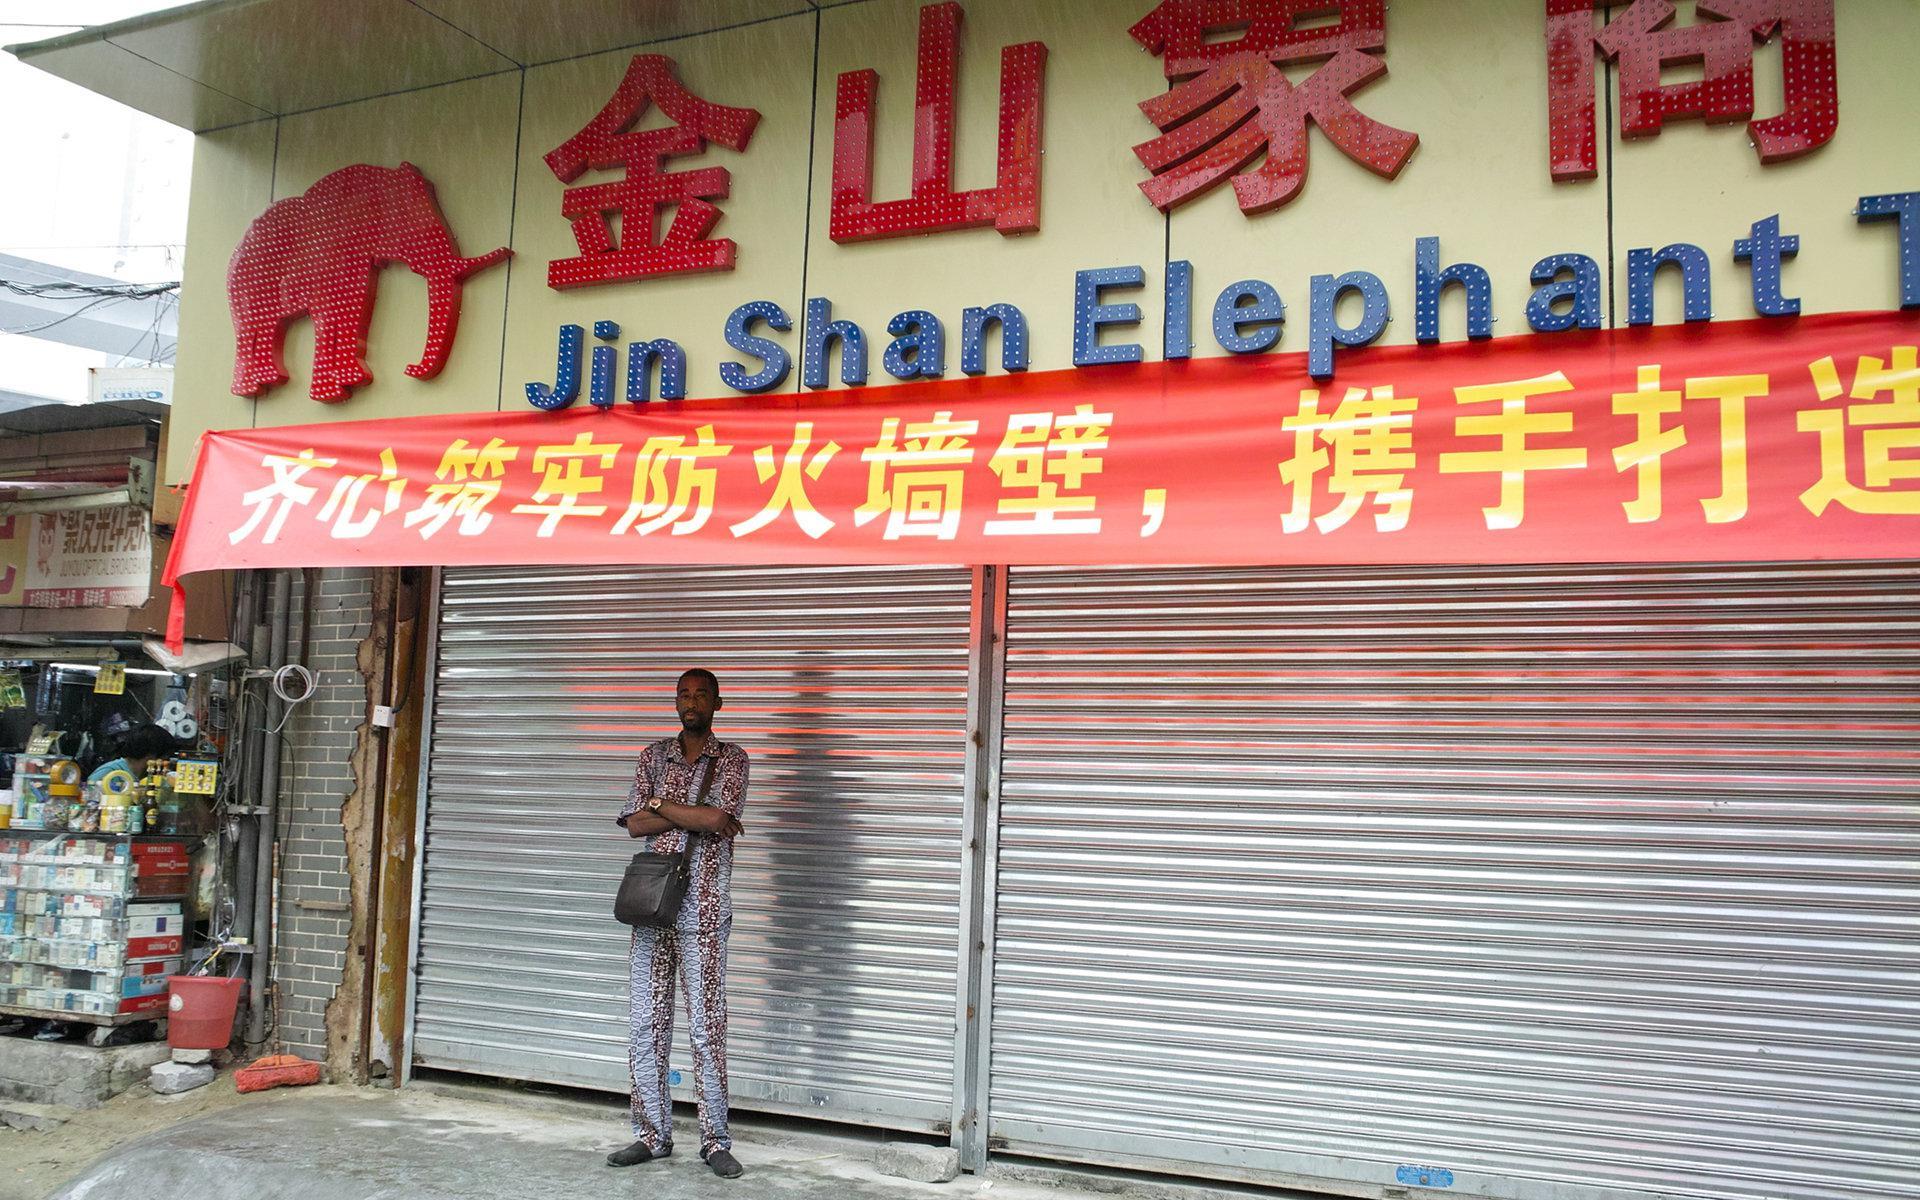 2014年4月29日,广州登峰路,许多黑人在此寻找发财机会。/视觉中国